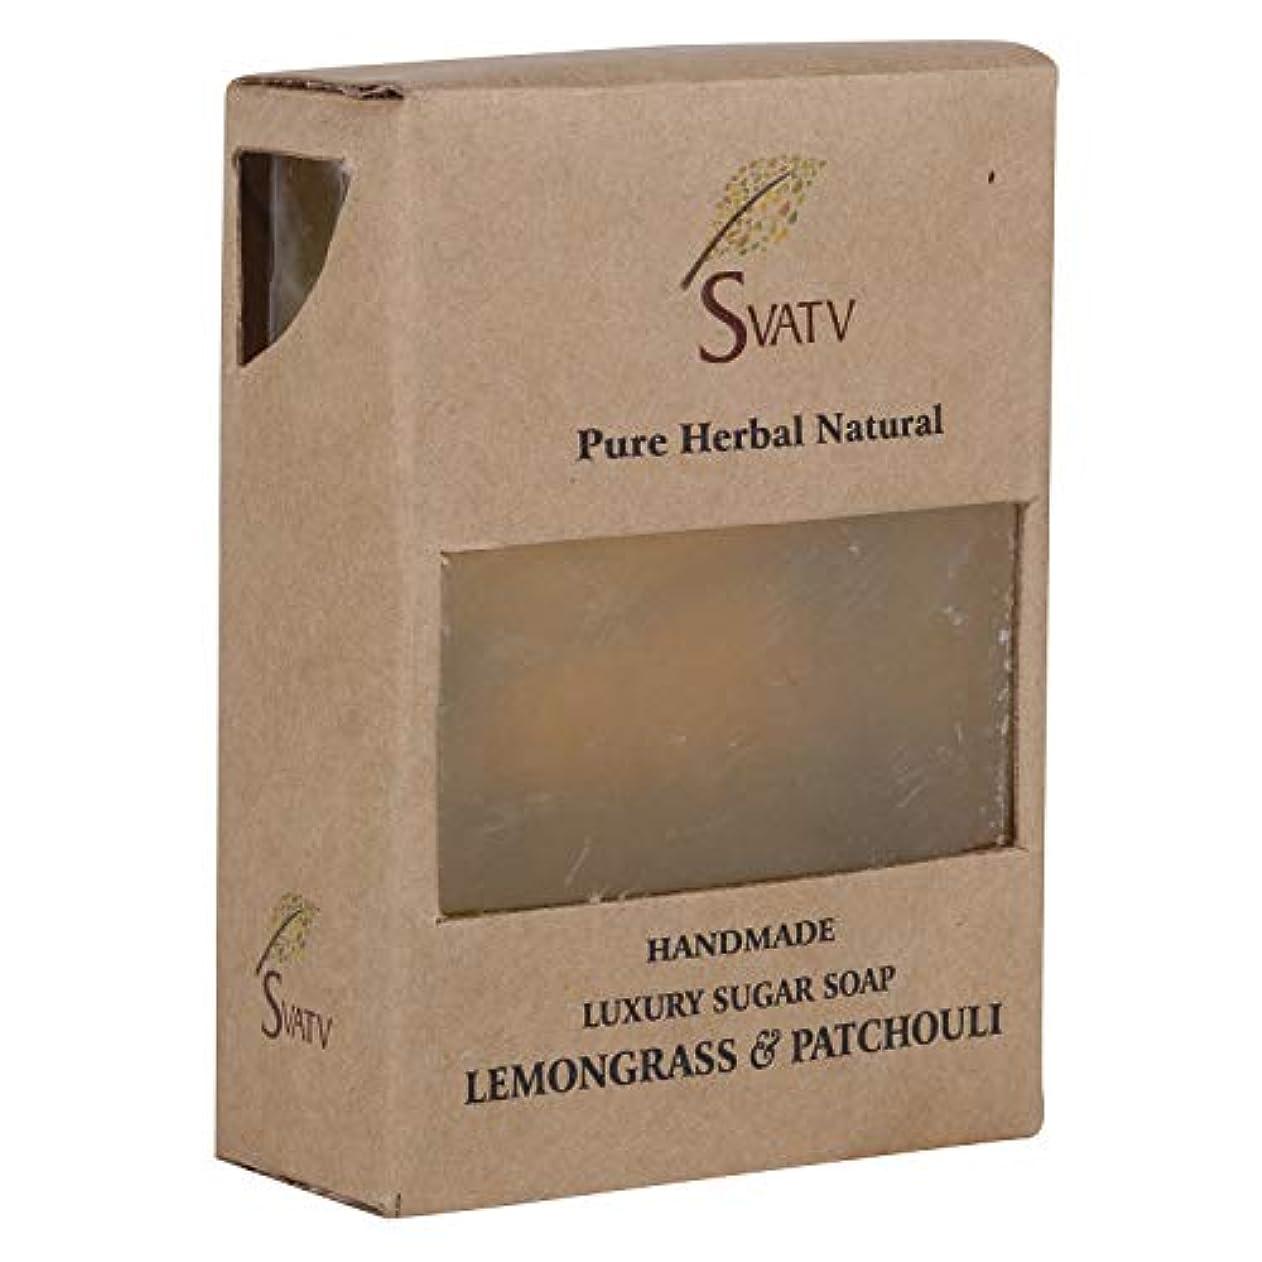 宮殿眠いですゴールSVATV Handmade Luxury Sugar Soap Lemongrass & Patchouli For All Skin types 100g Bar